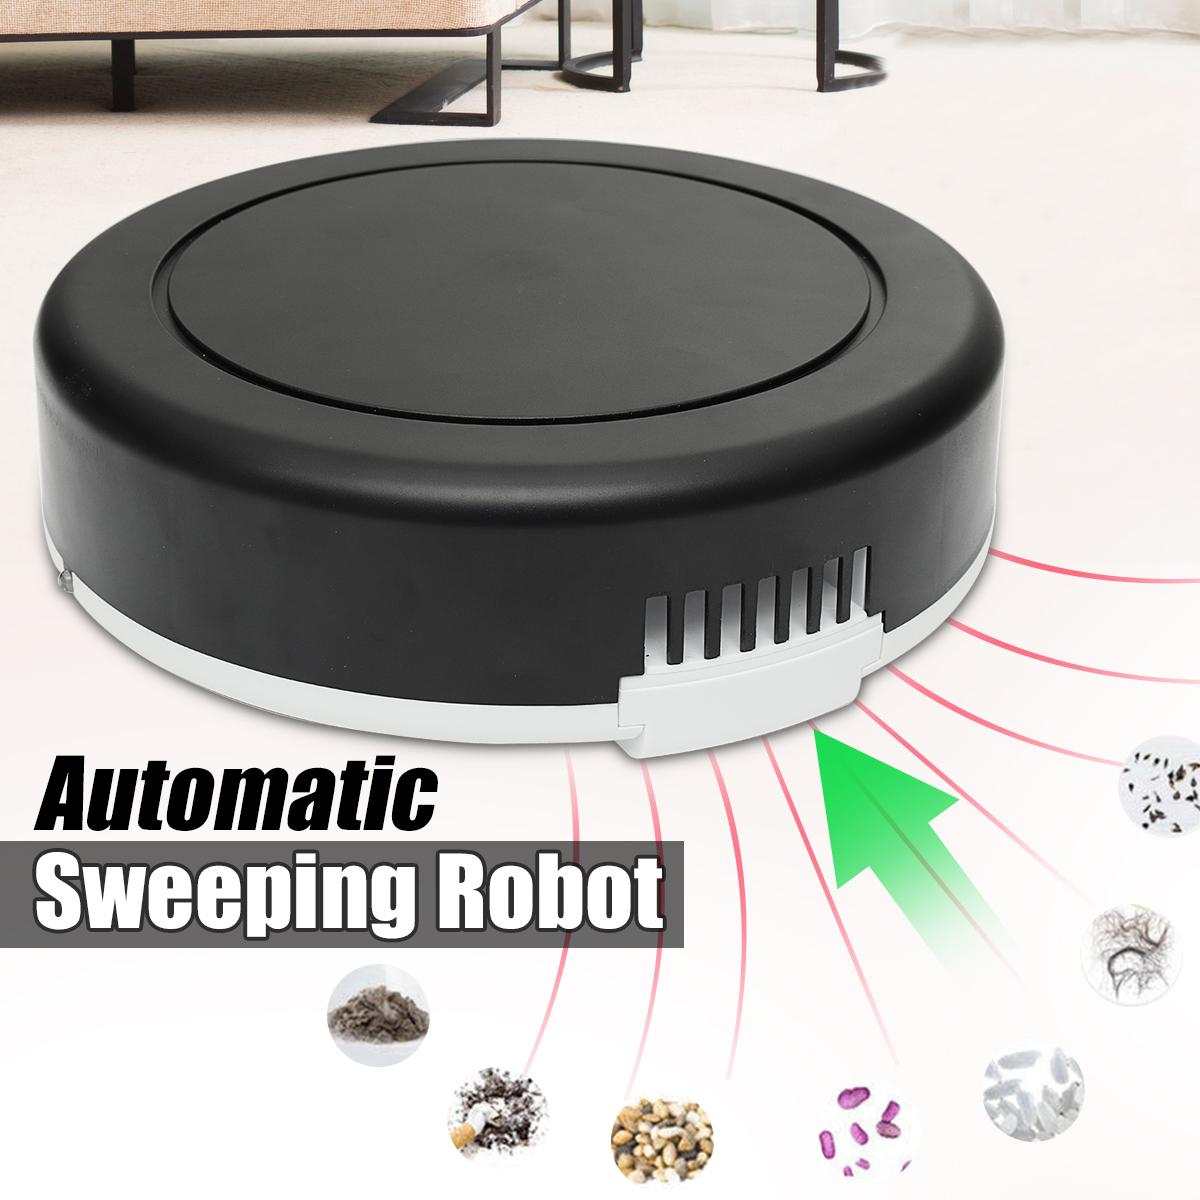 USB Aspirateur Automatique Nettoyeur Poussière Balayeuse Smart Robot Silence FR